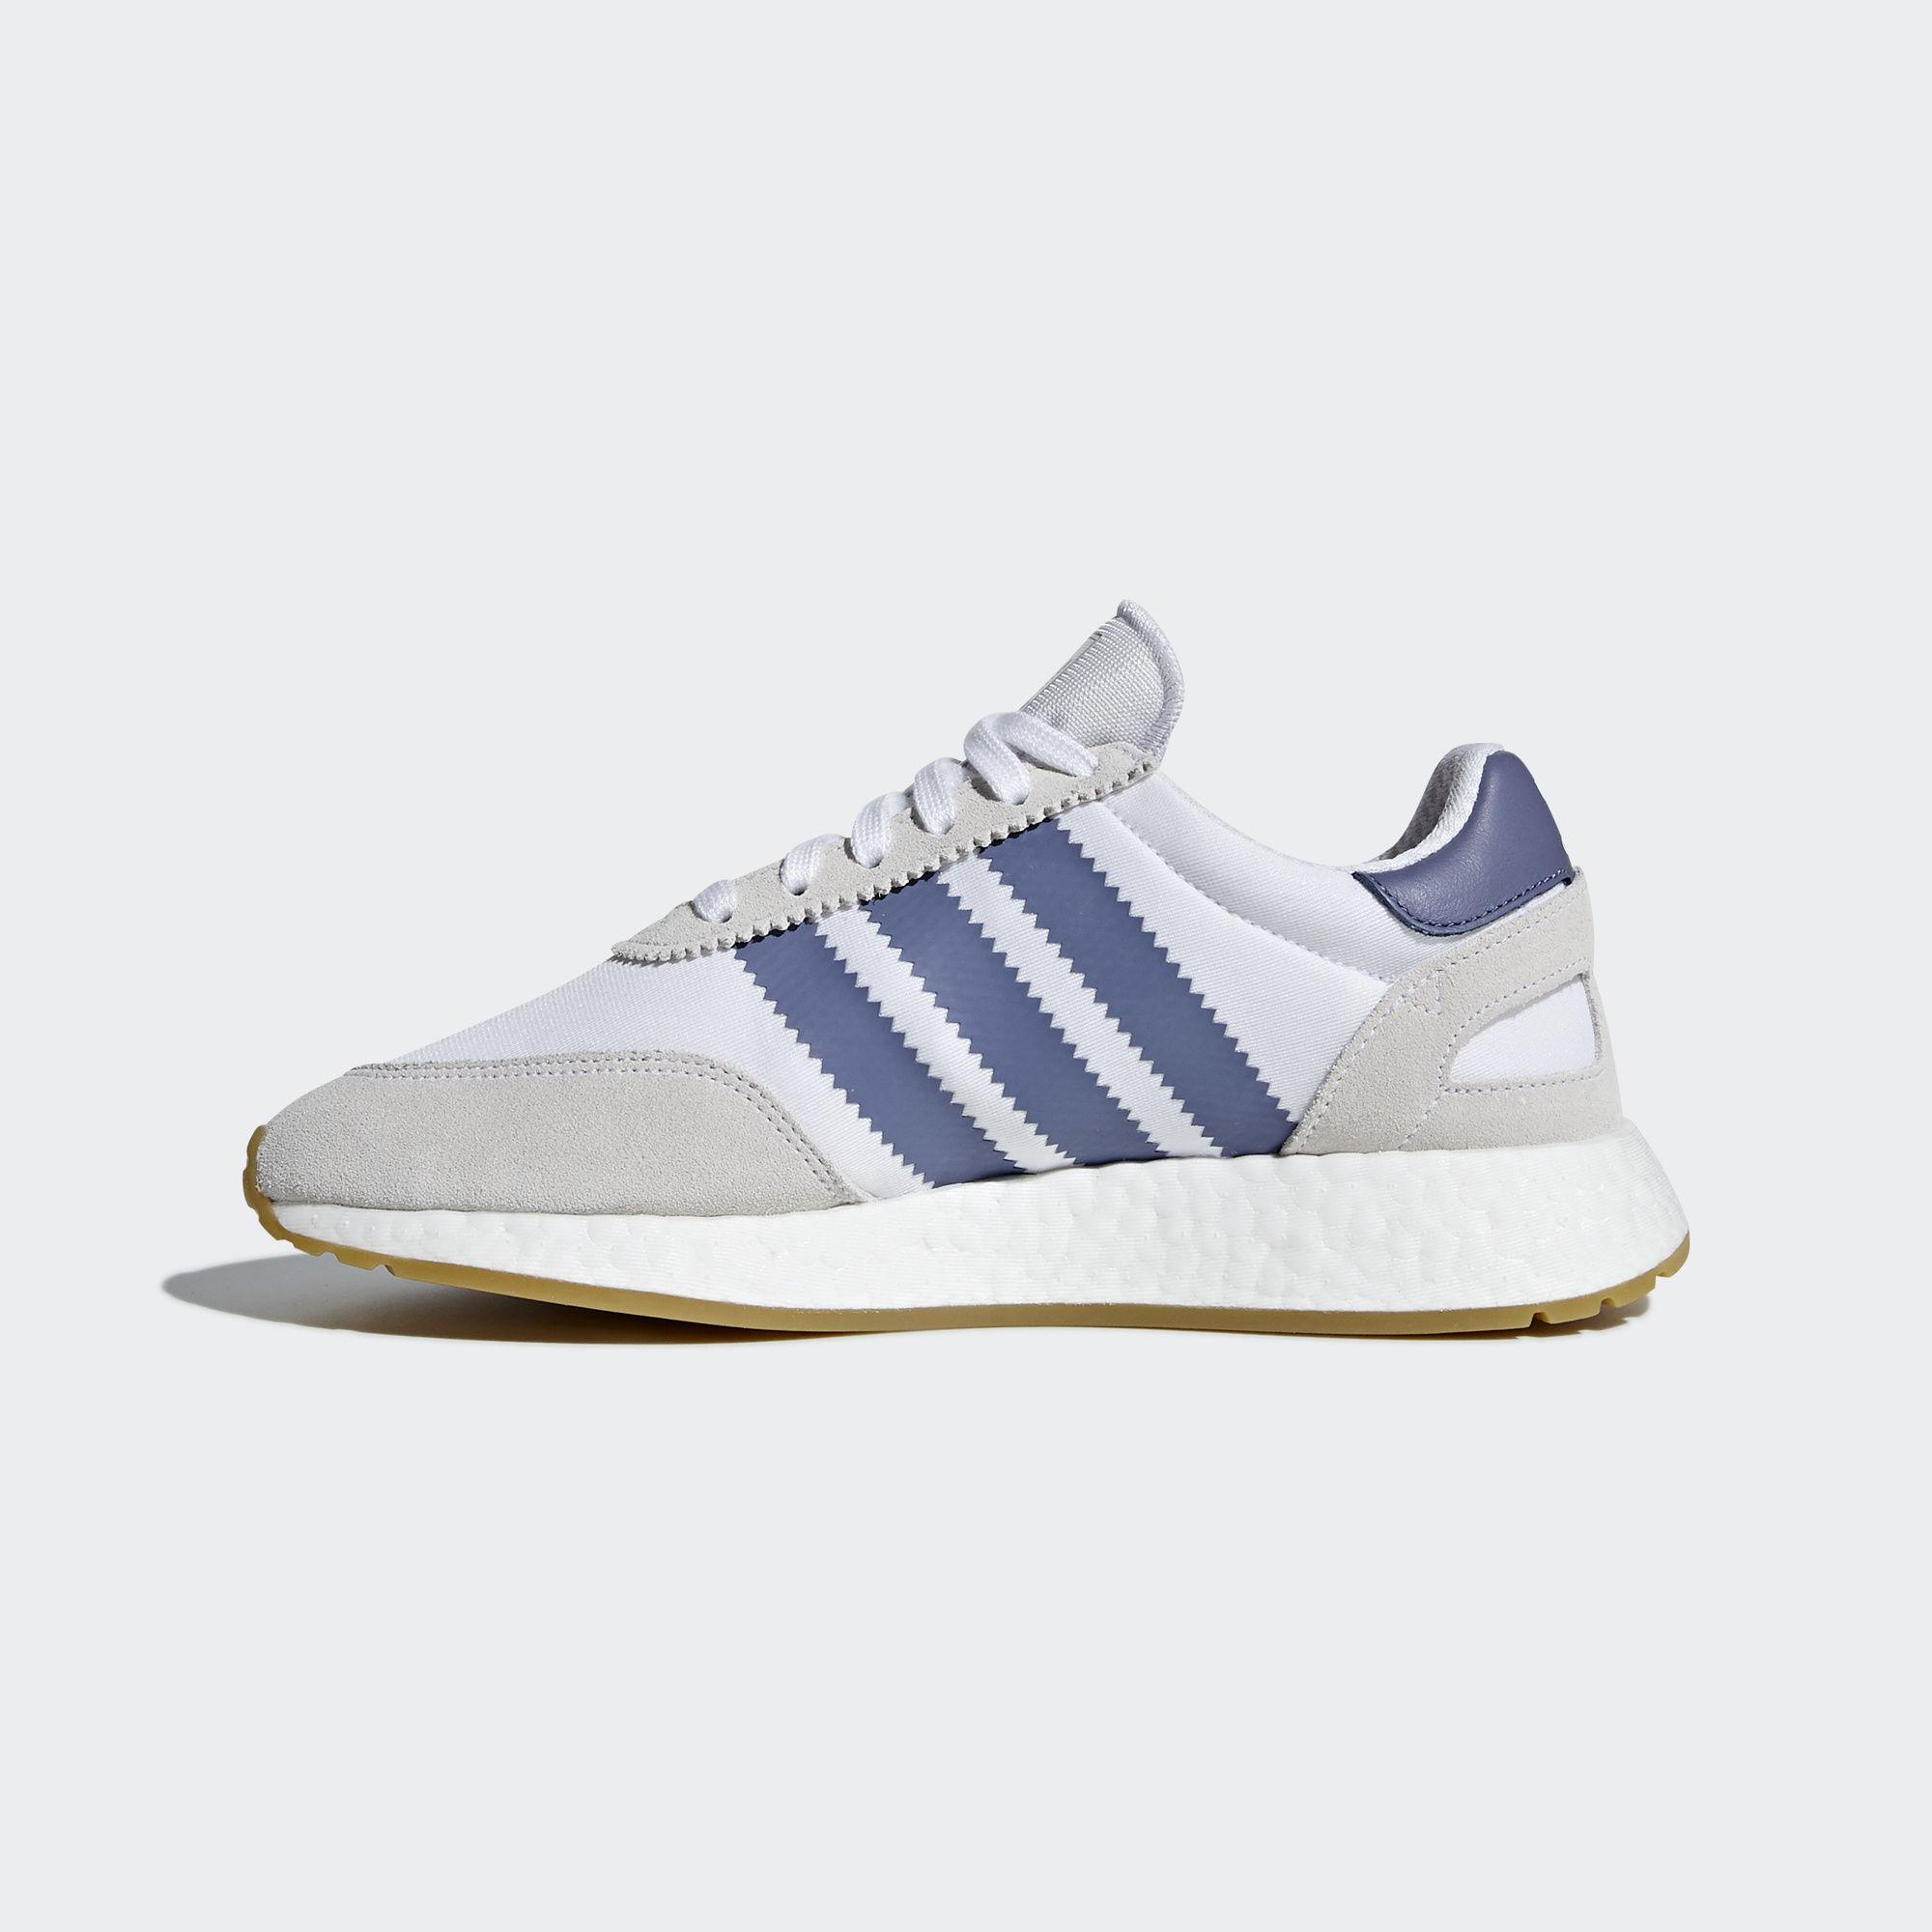 Adidas I-5923 D97351